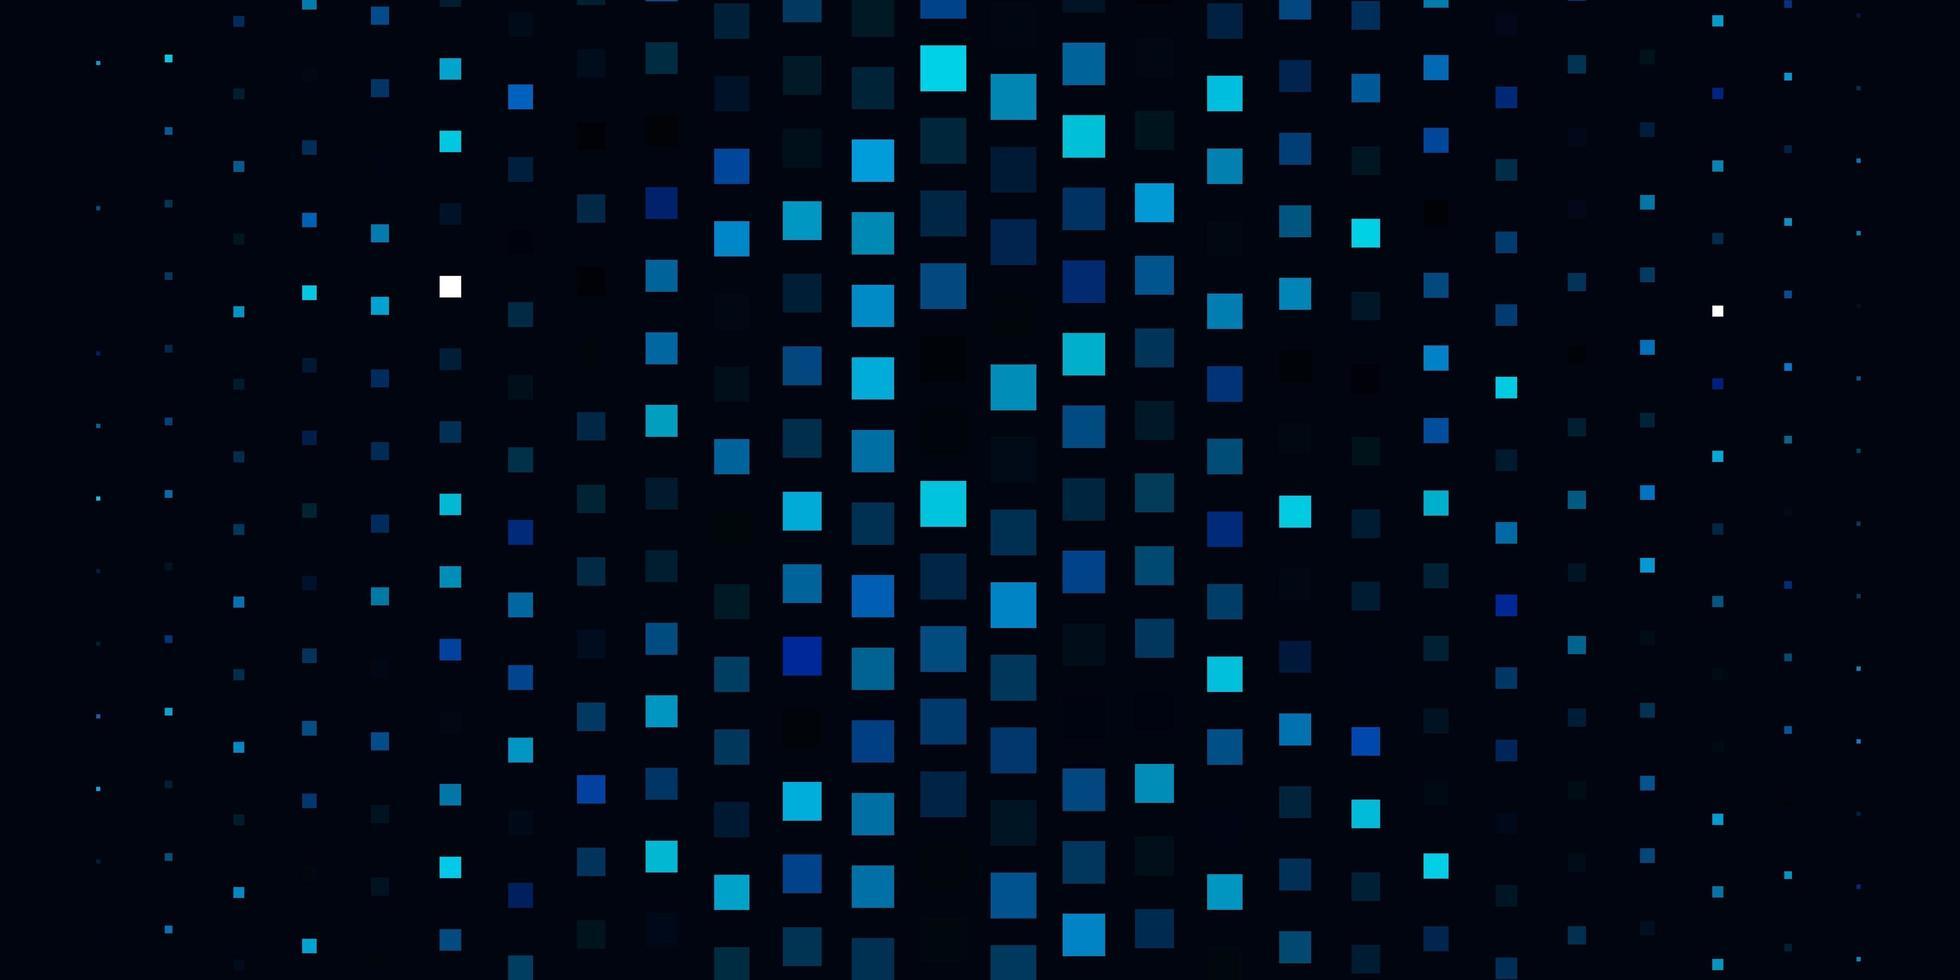 modèle vectoriel bleu clair dans un style carré